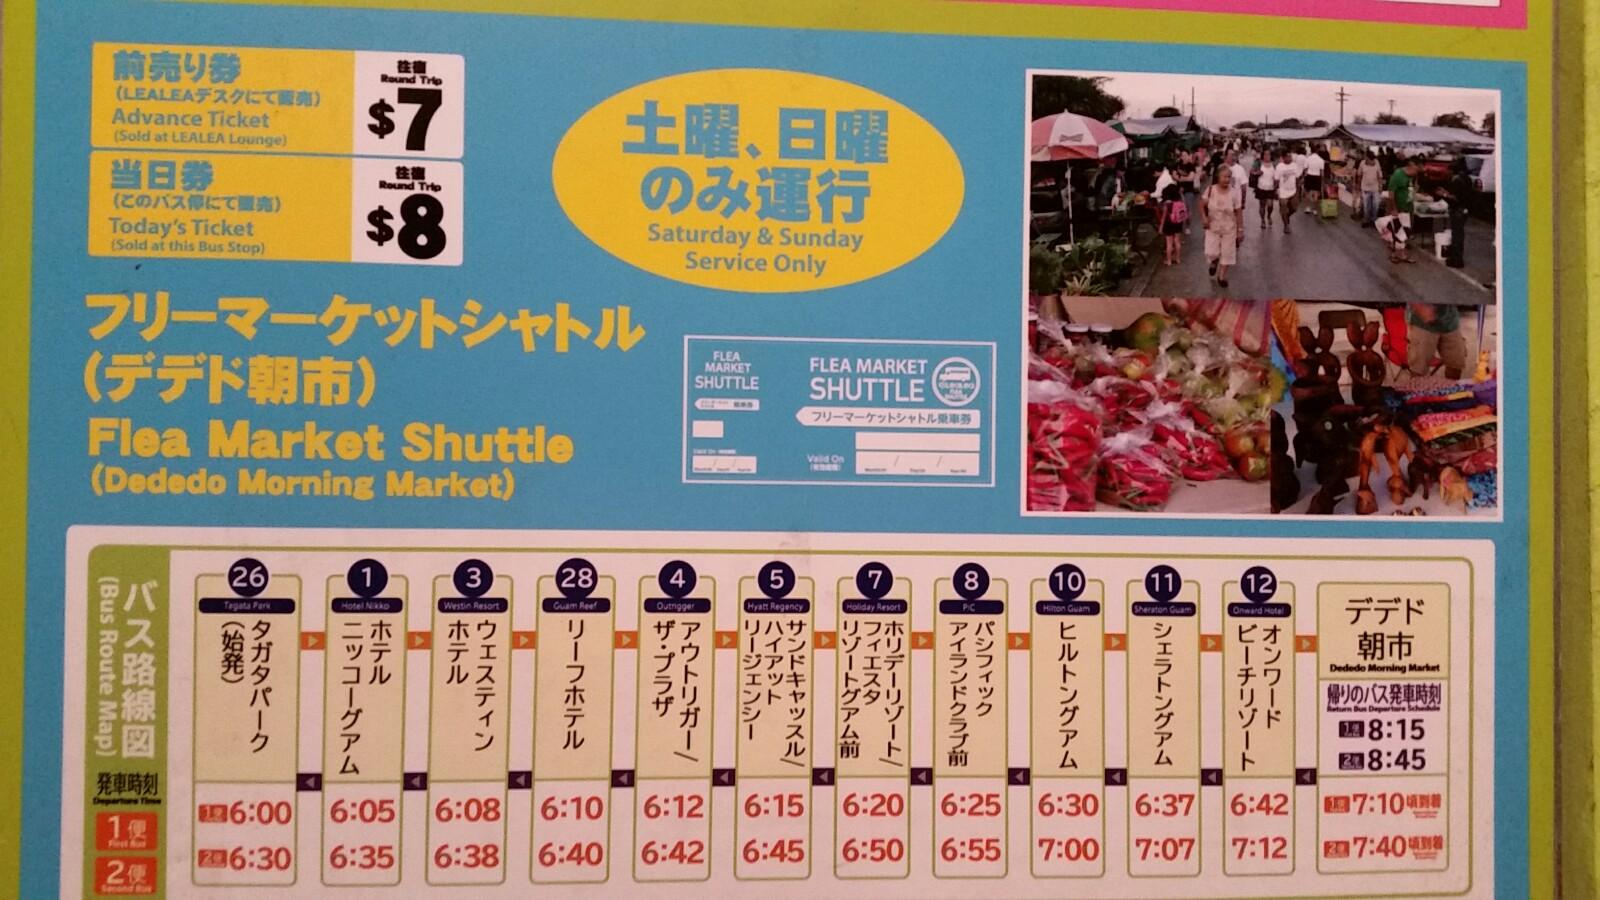 グアムレアレアトロリーフリーマーケットシャトル時刻表